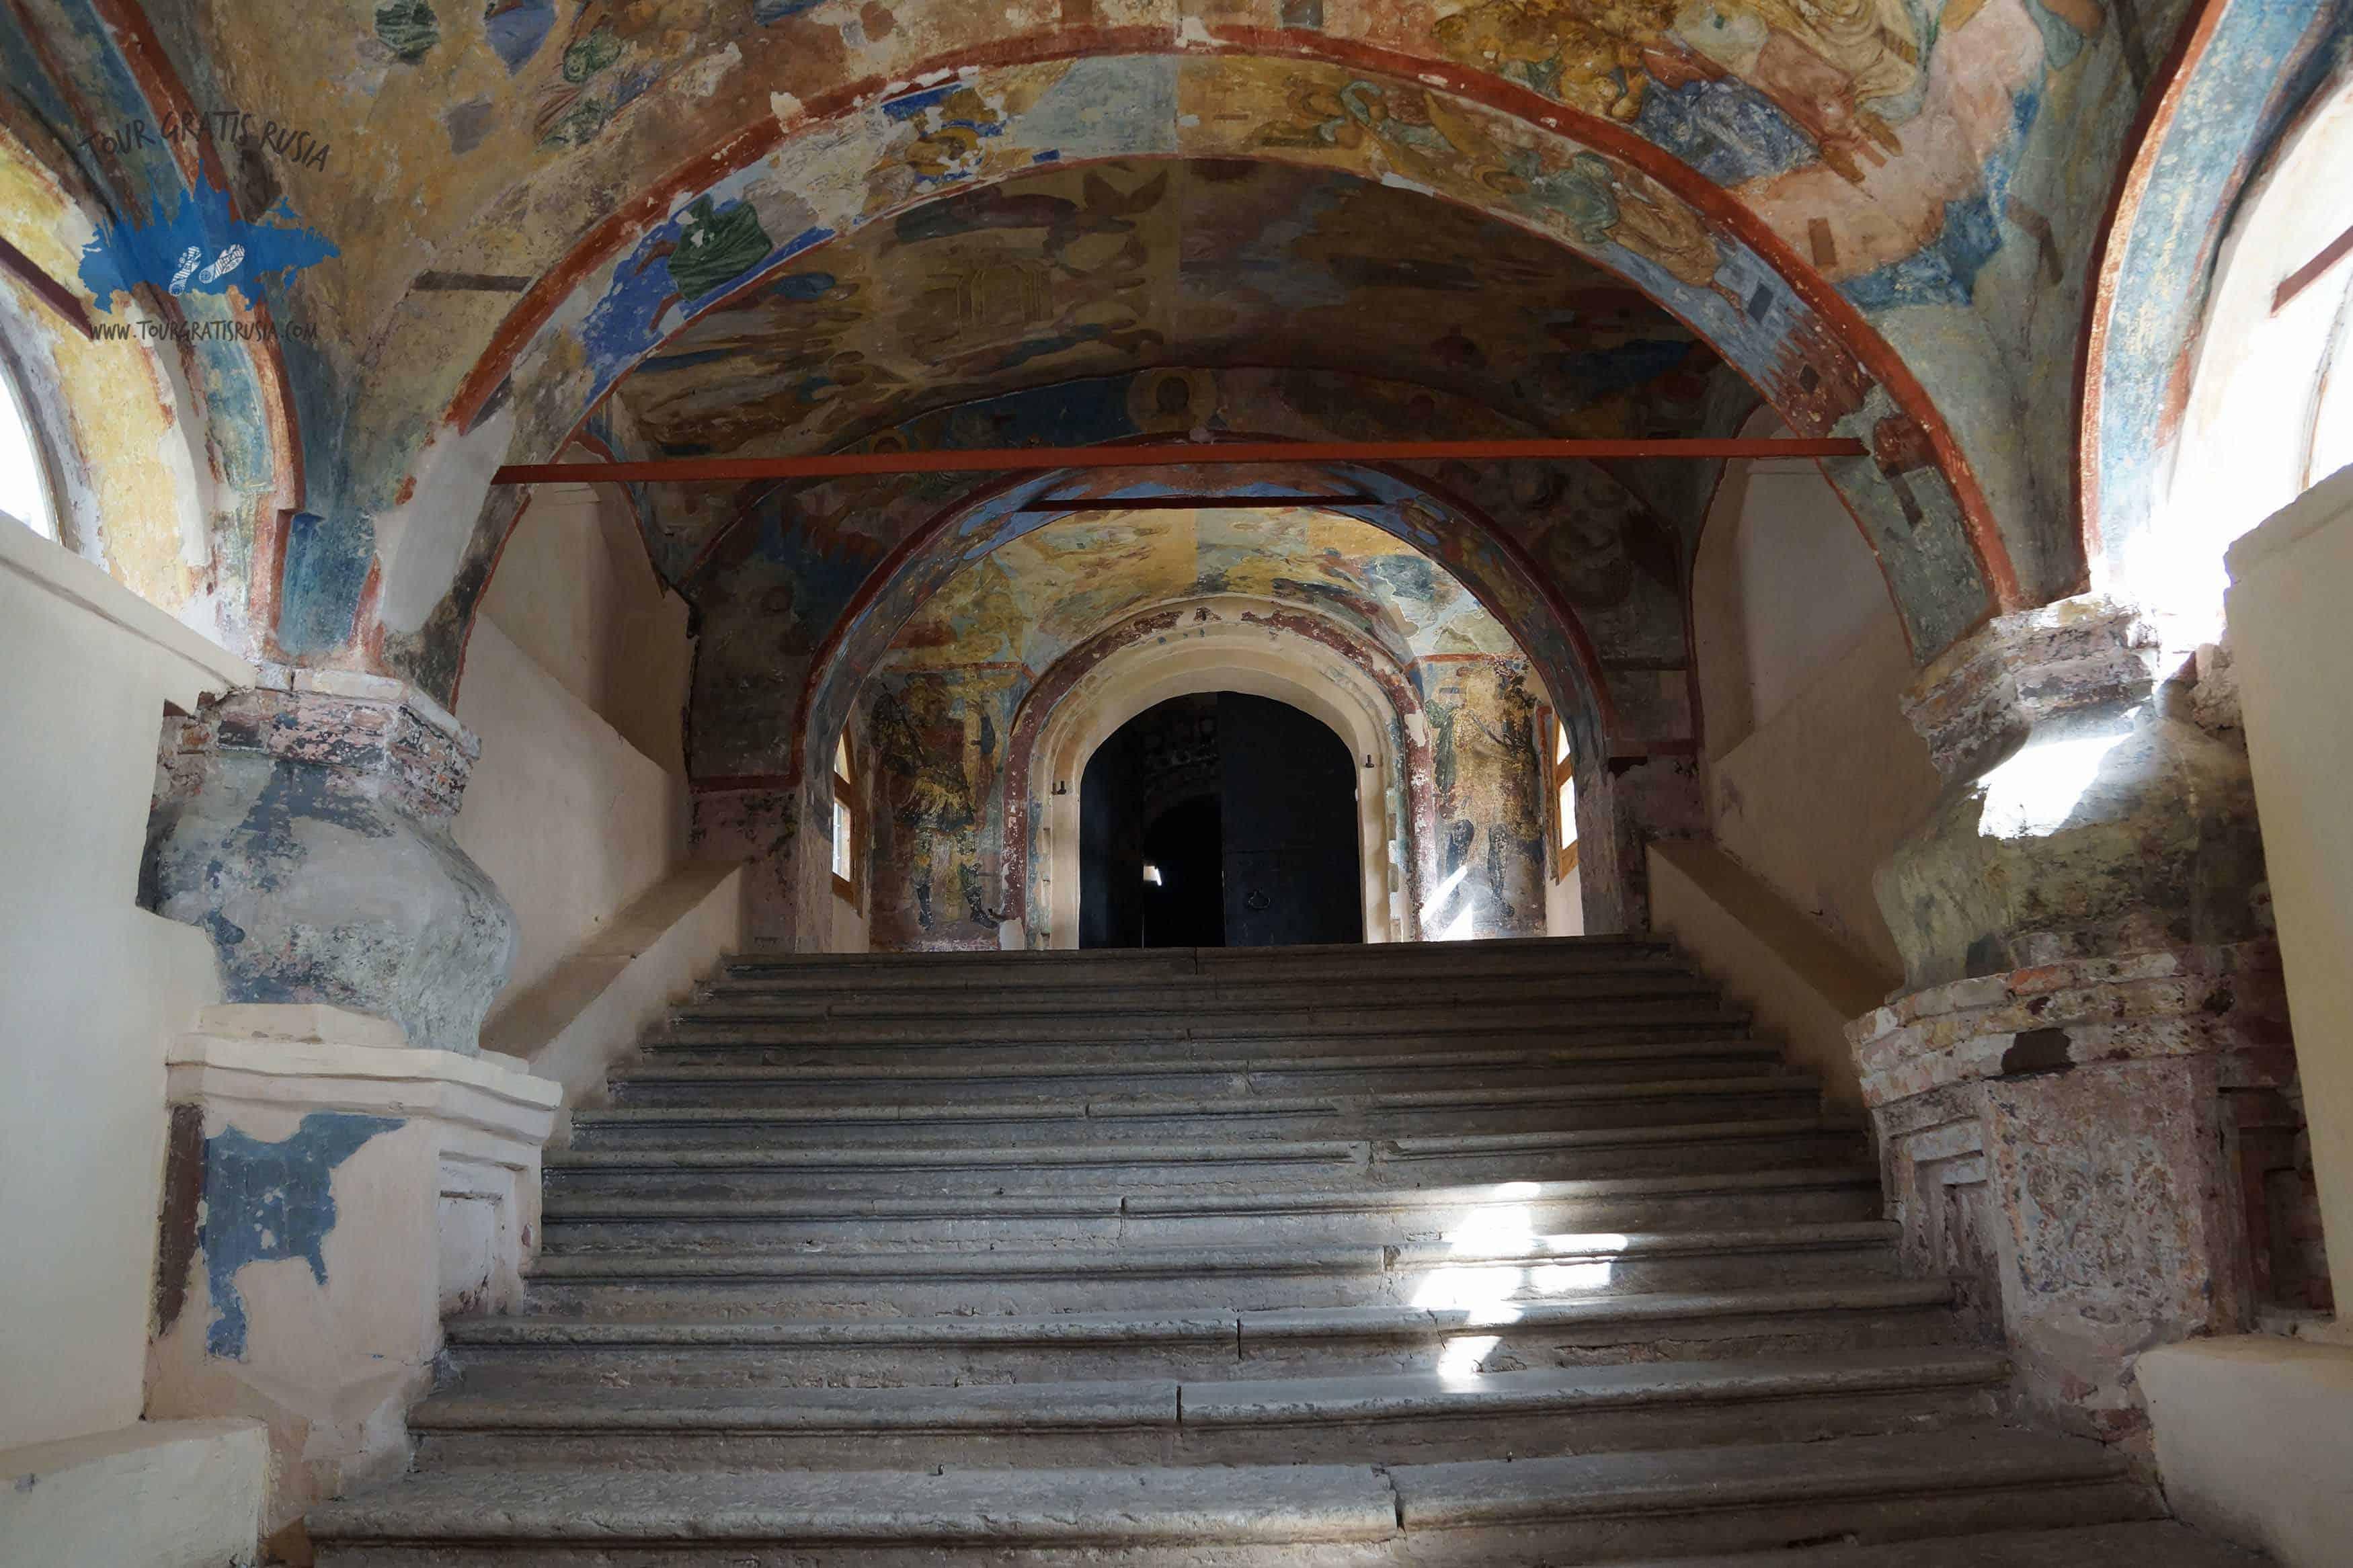 Explorar la Catedral Znamensky en Novgorod; Visitar la Catedral Znamensky en Novgorod; Conocer la Catedral Znamensky en Novgorod